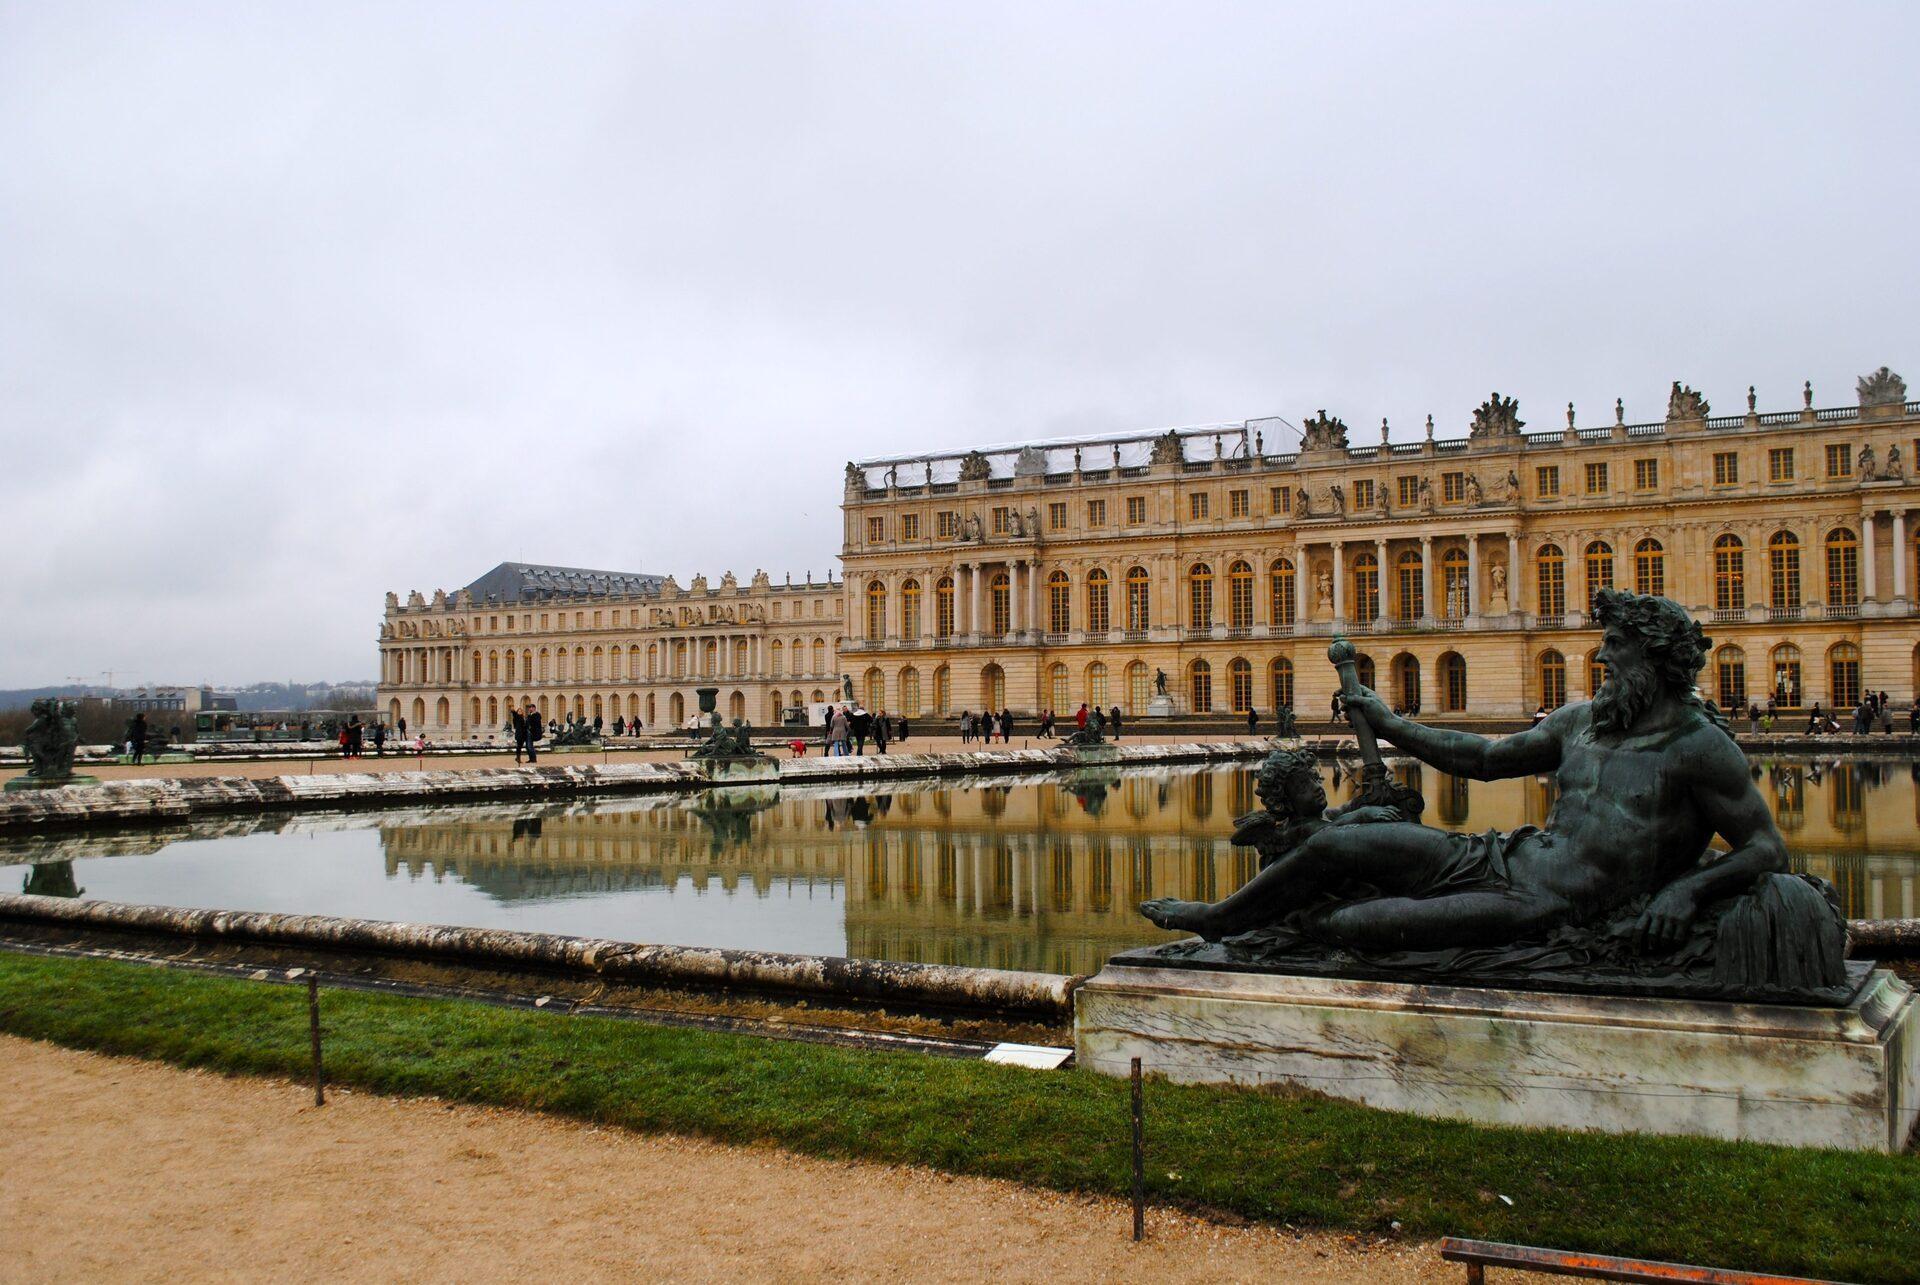 Versailles come arrivare da parigi for Charles che arredo la reggia di versailles